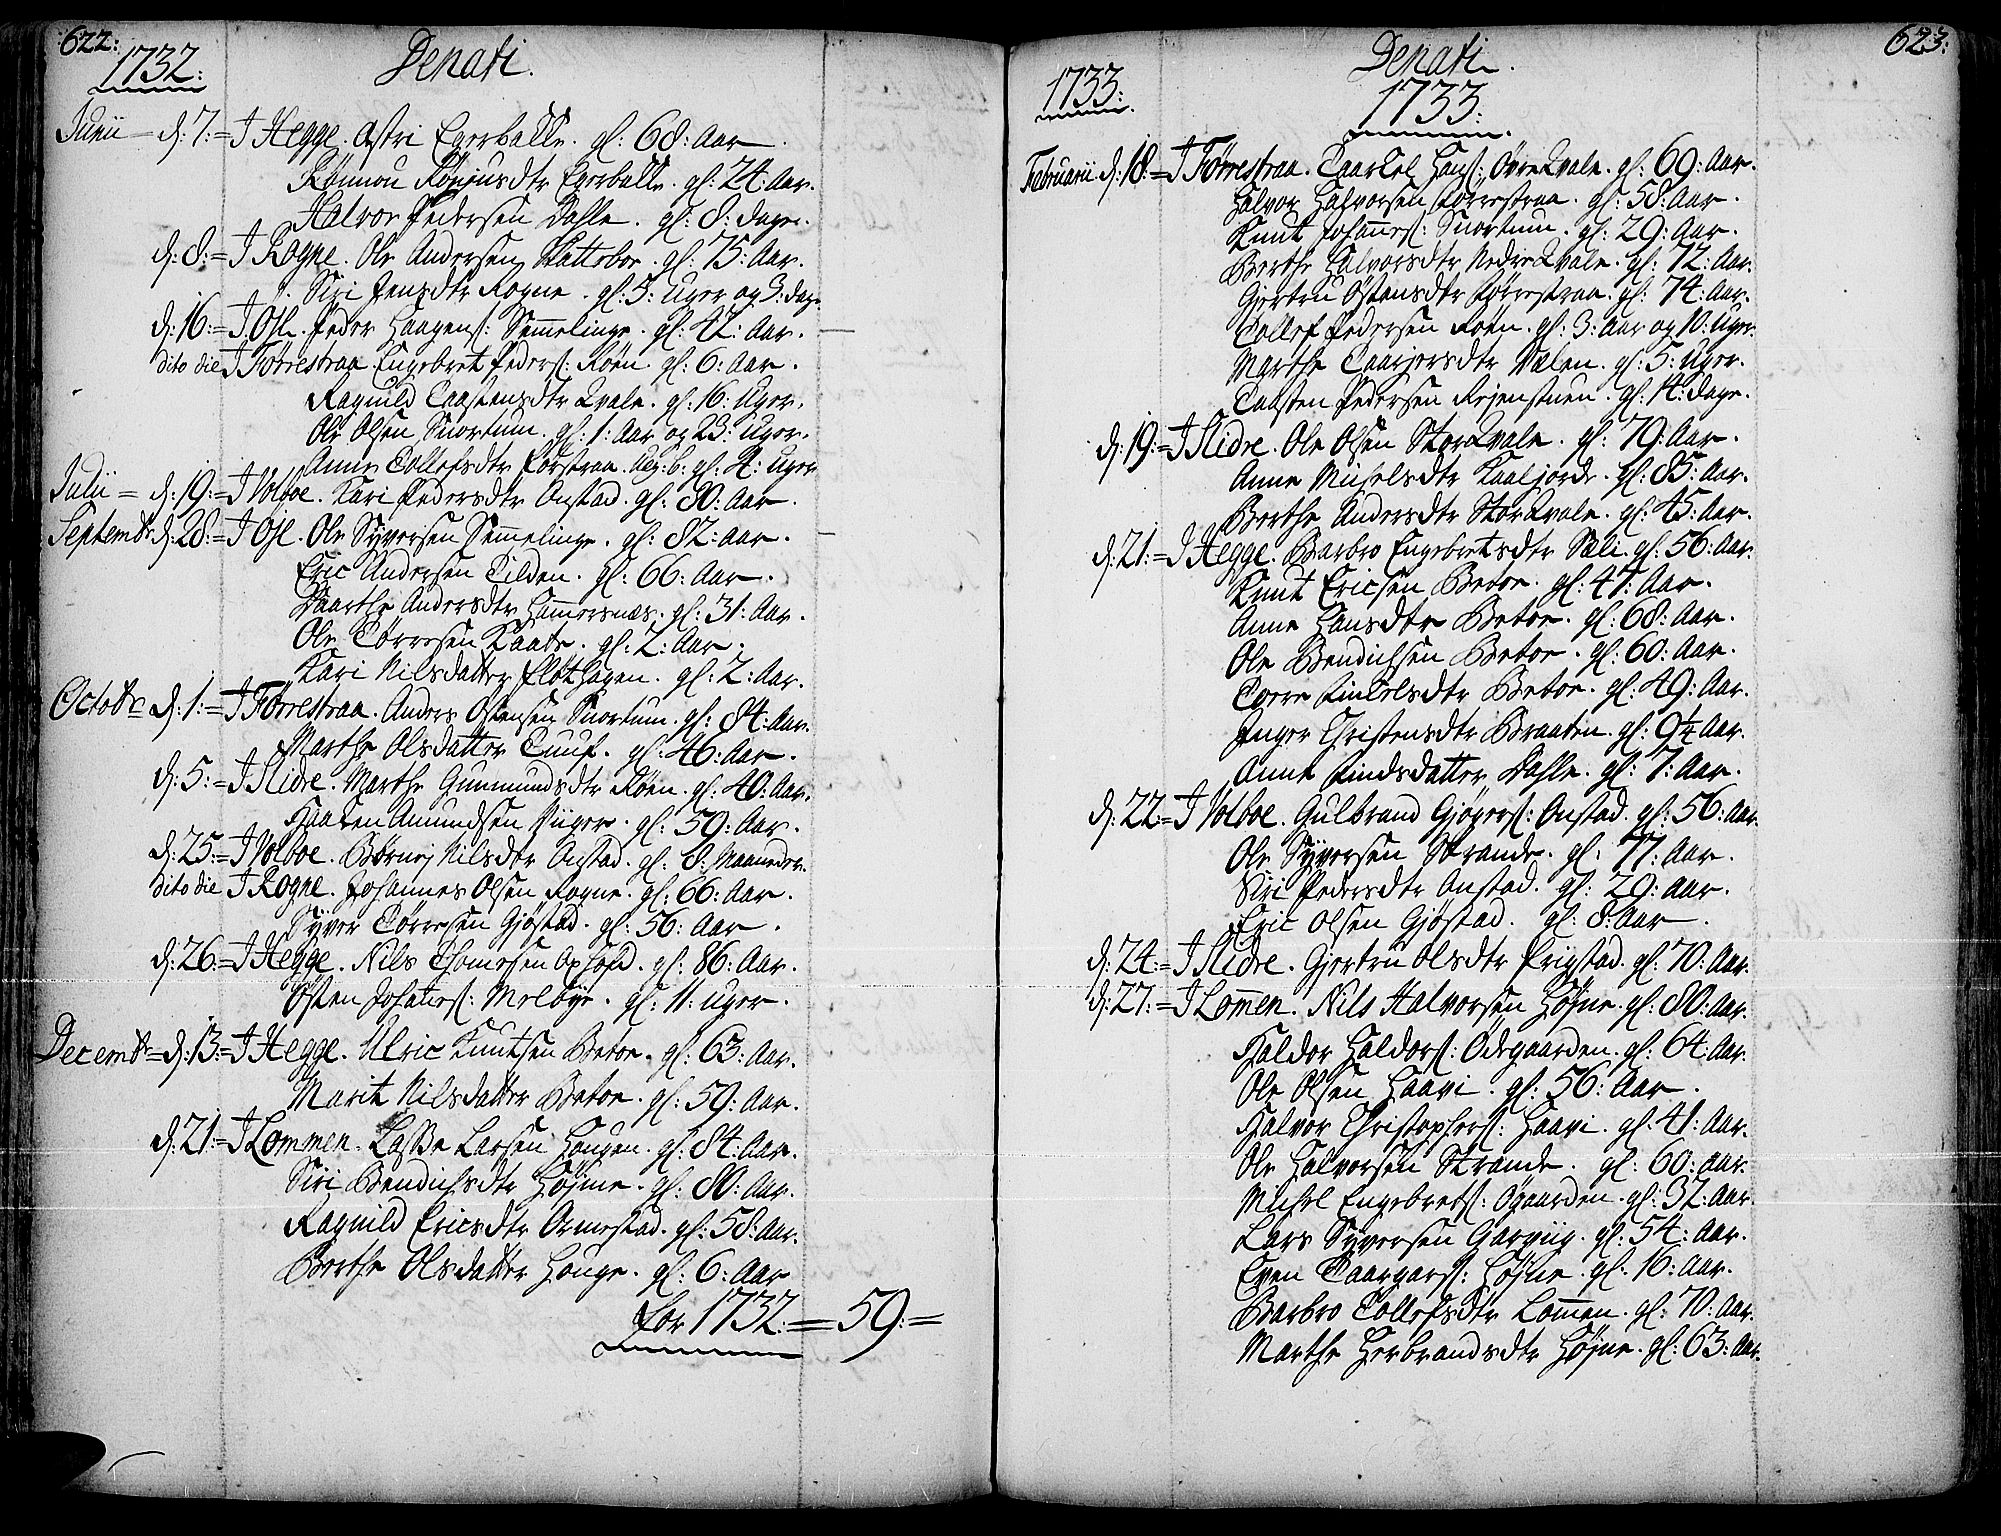 SAH, Slidre prestekontor, Ministerialbok nr. 1, 1724-1814, s. 622-623